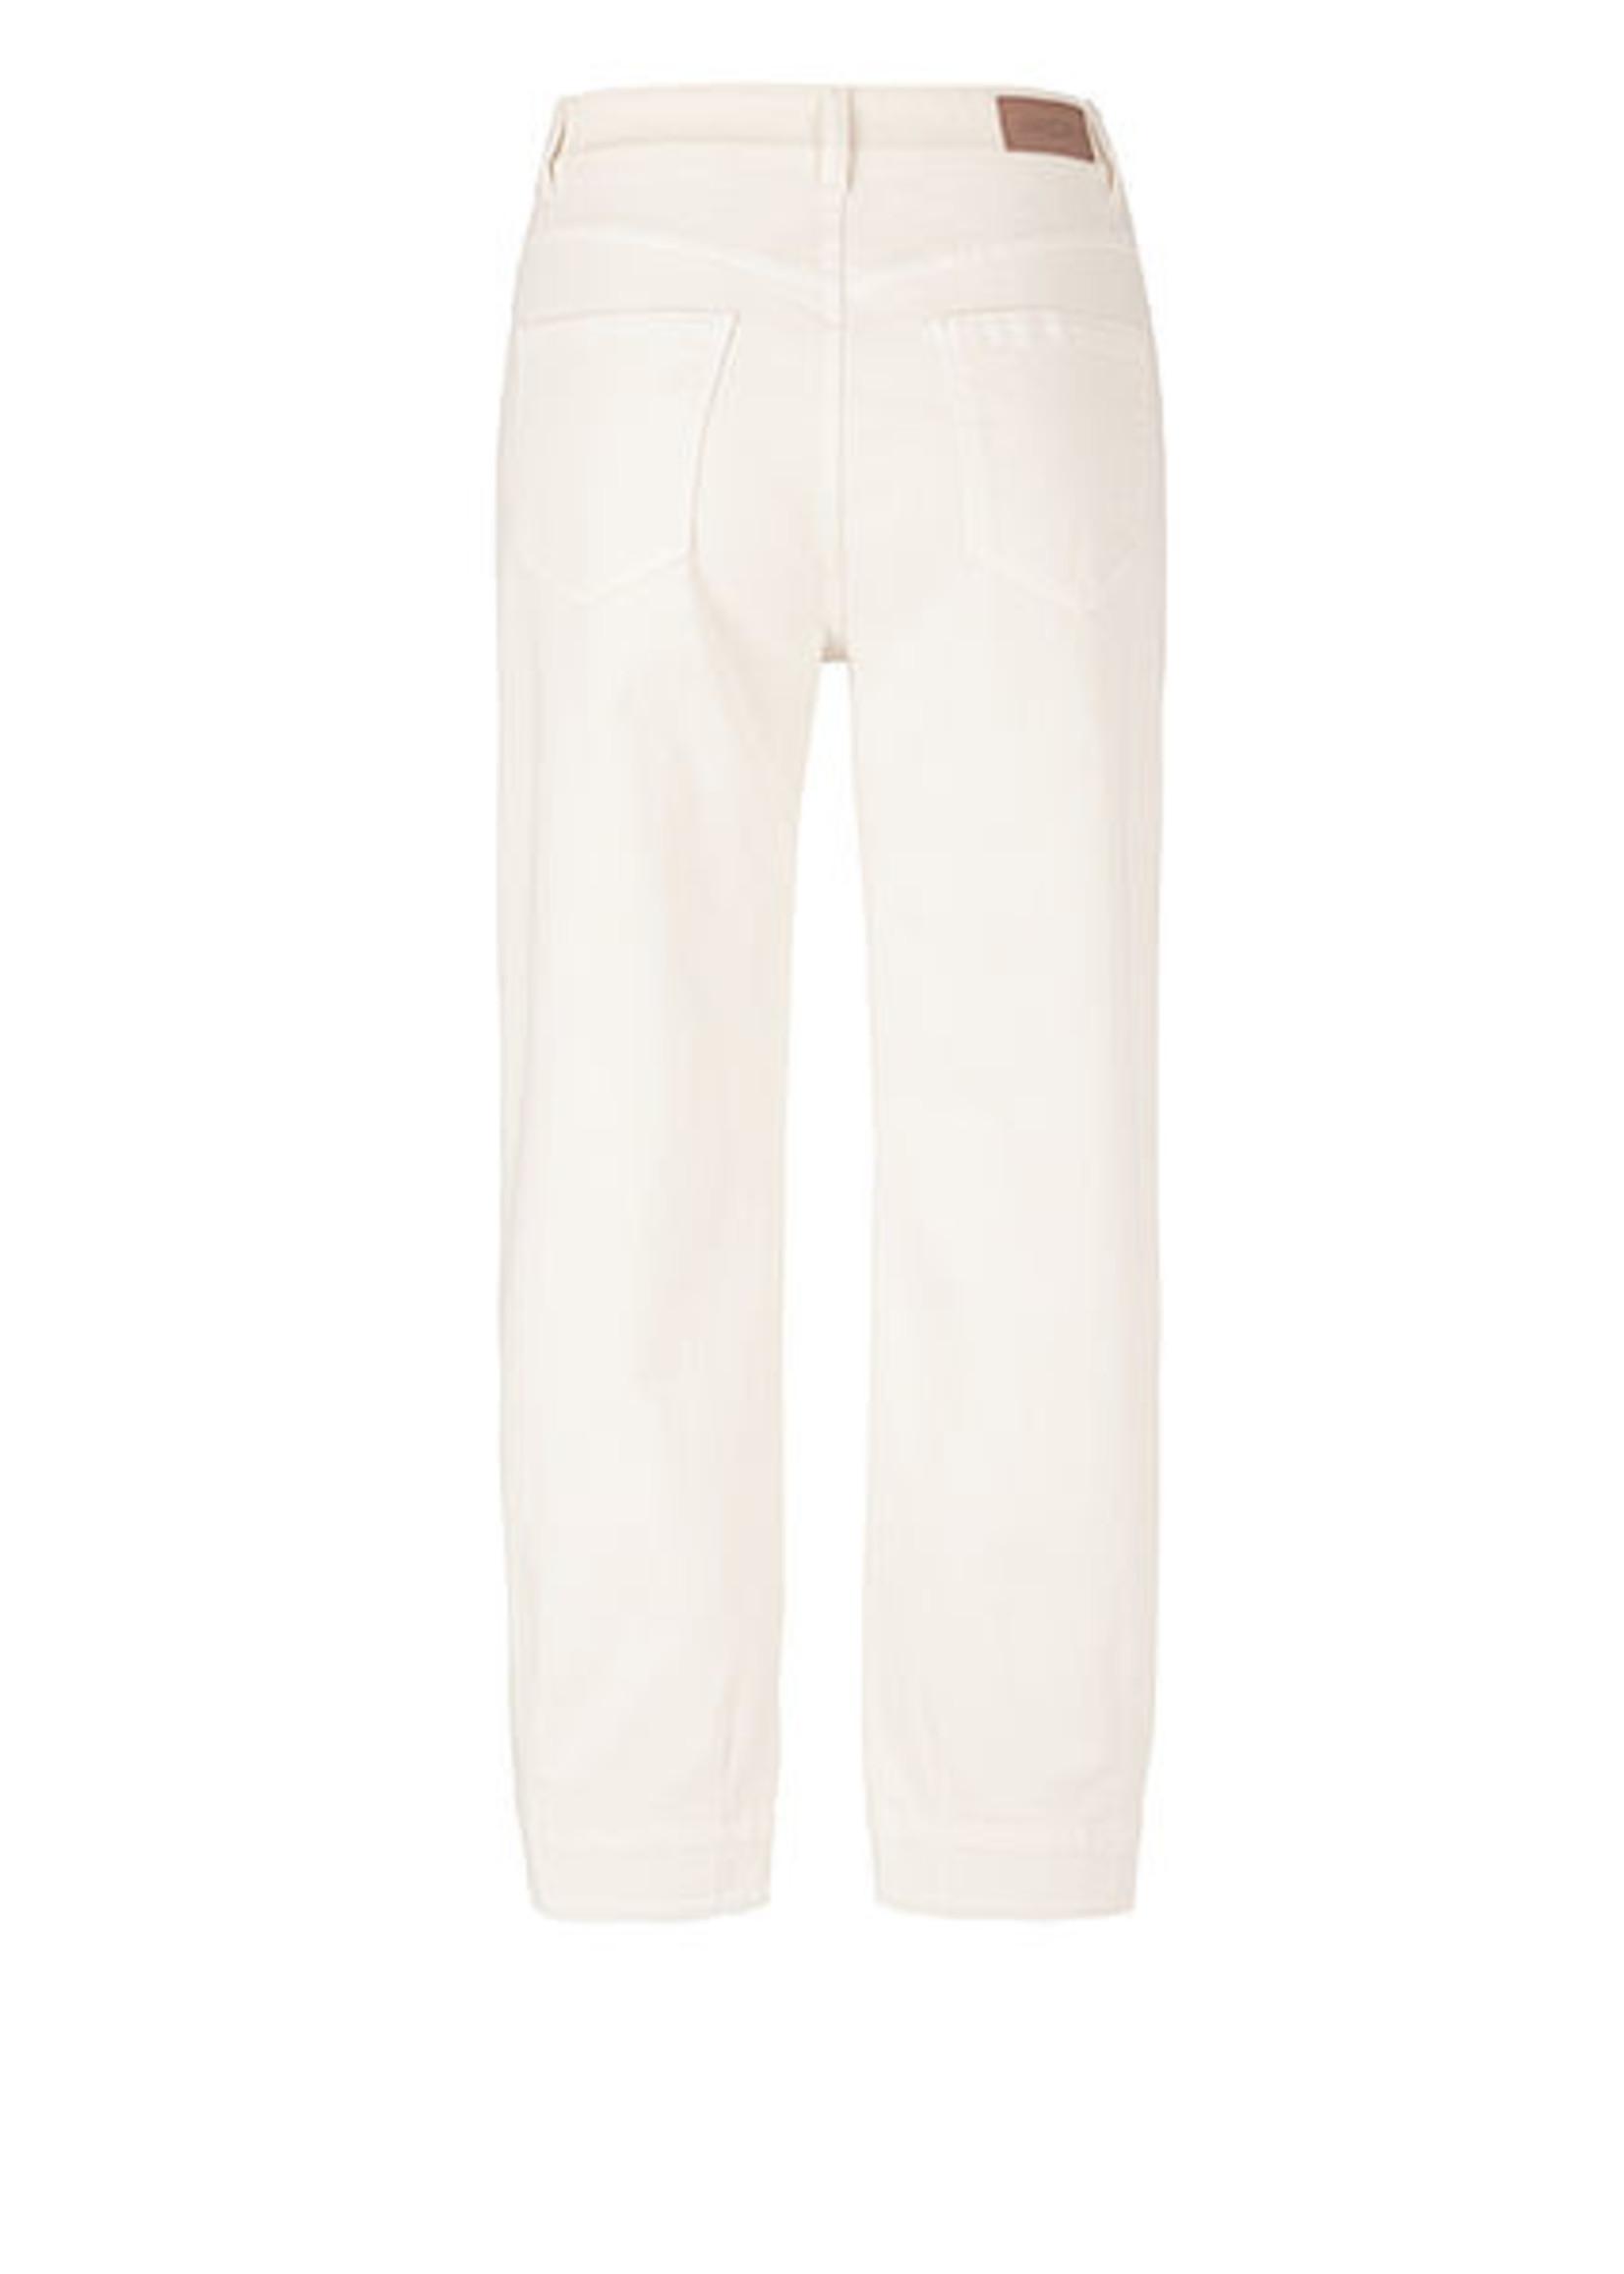 Jeans RC 82.05 D70 cream